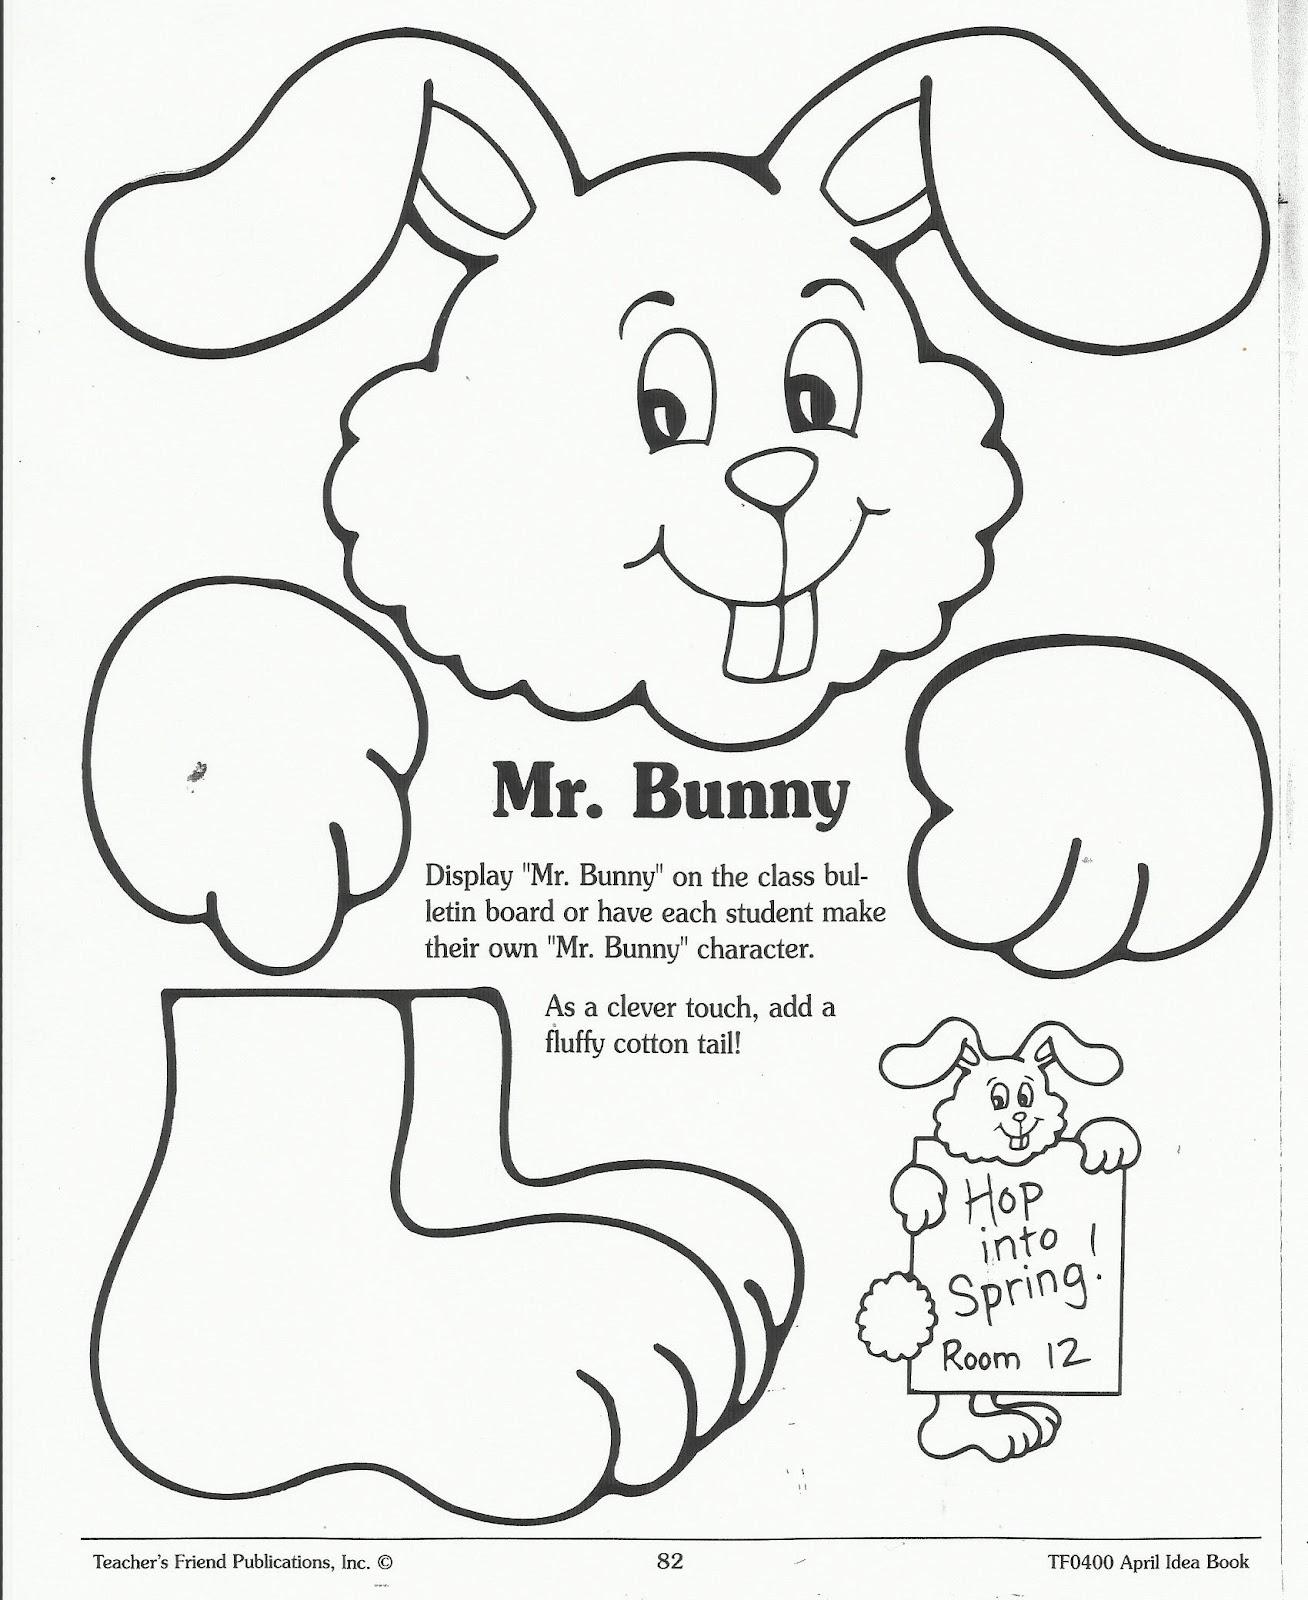 Vistoso Conejito De Pascua Páginas Para Colorear Para Imprimir ...